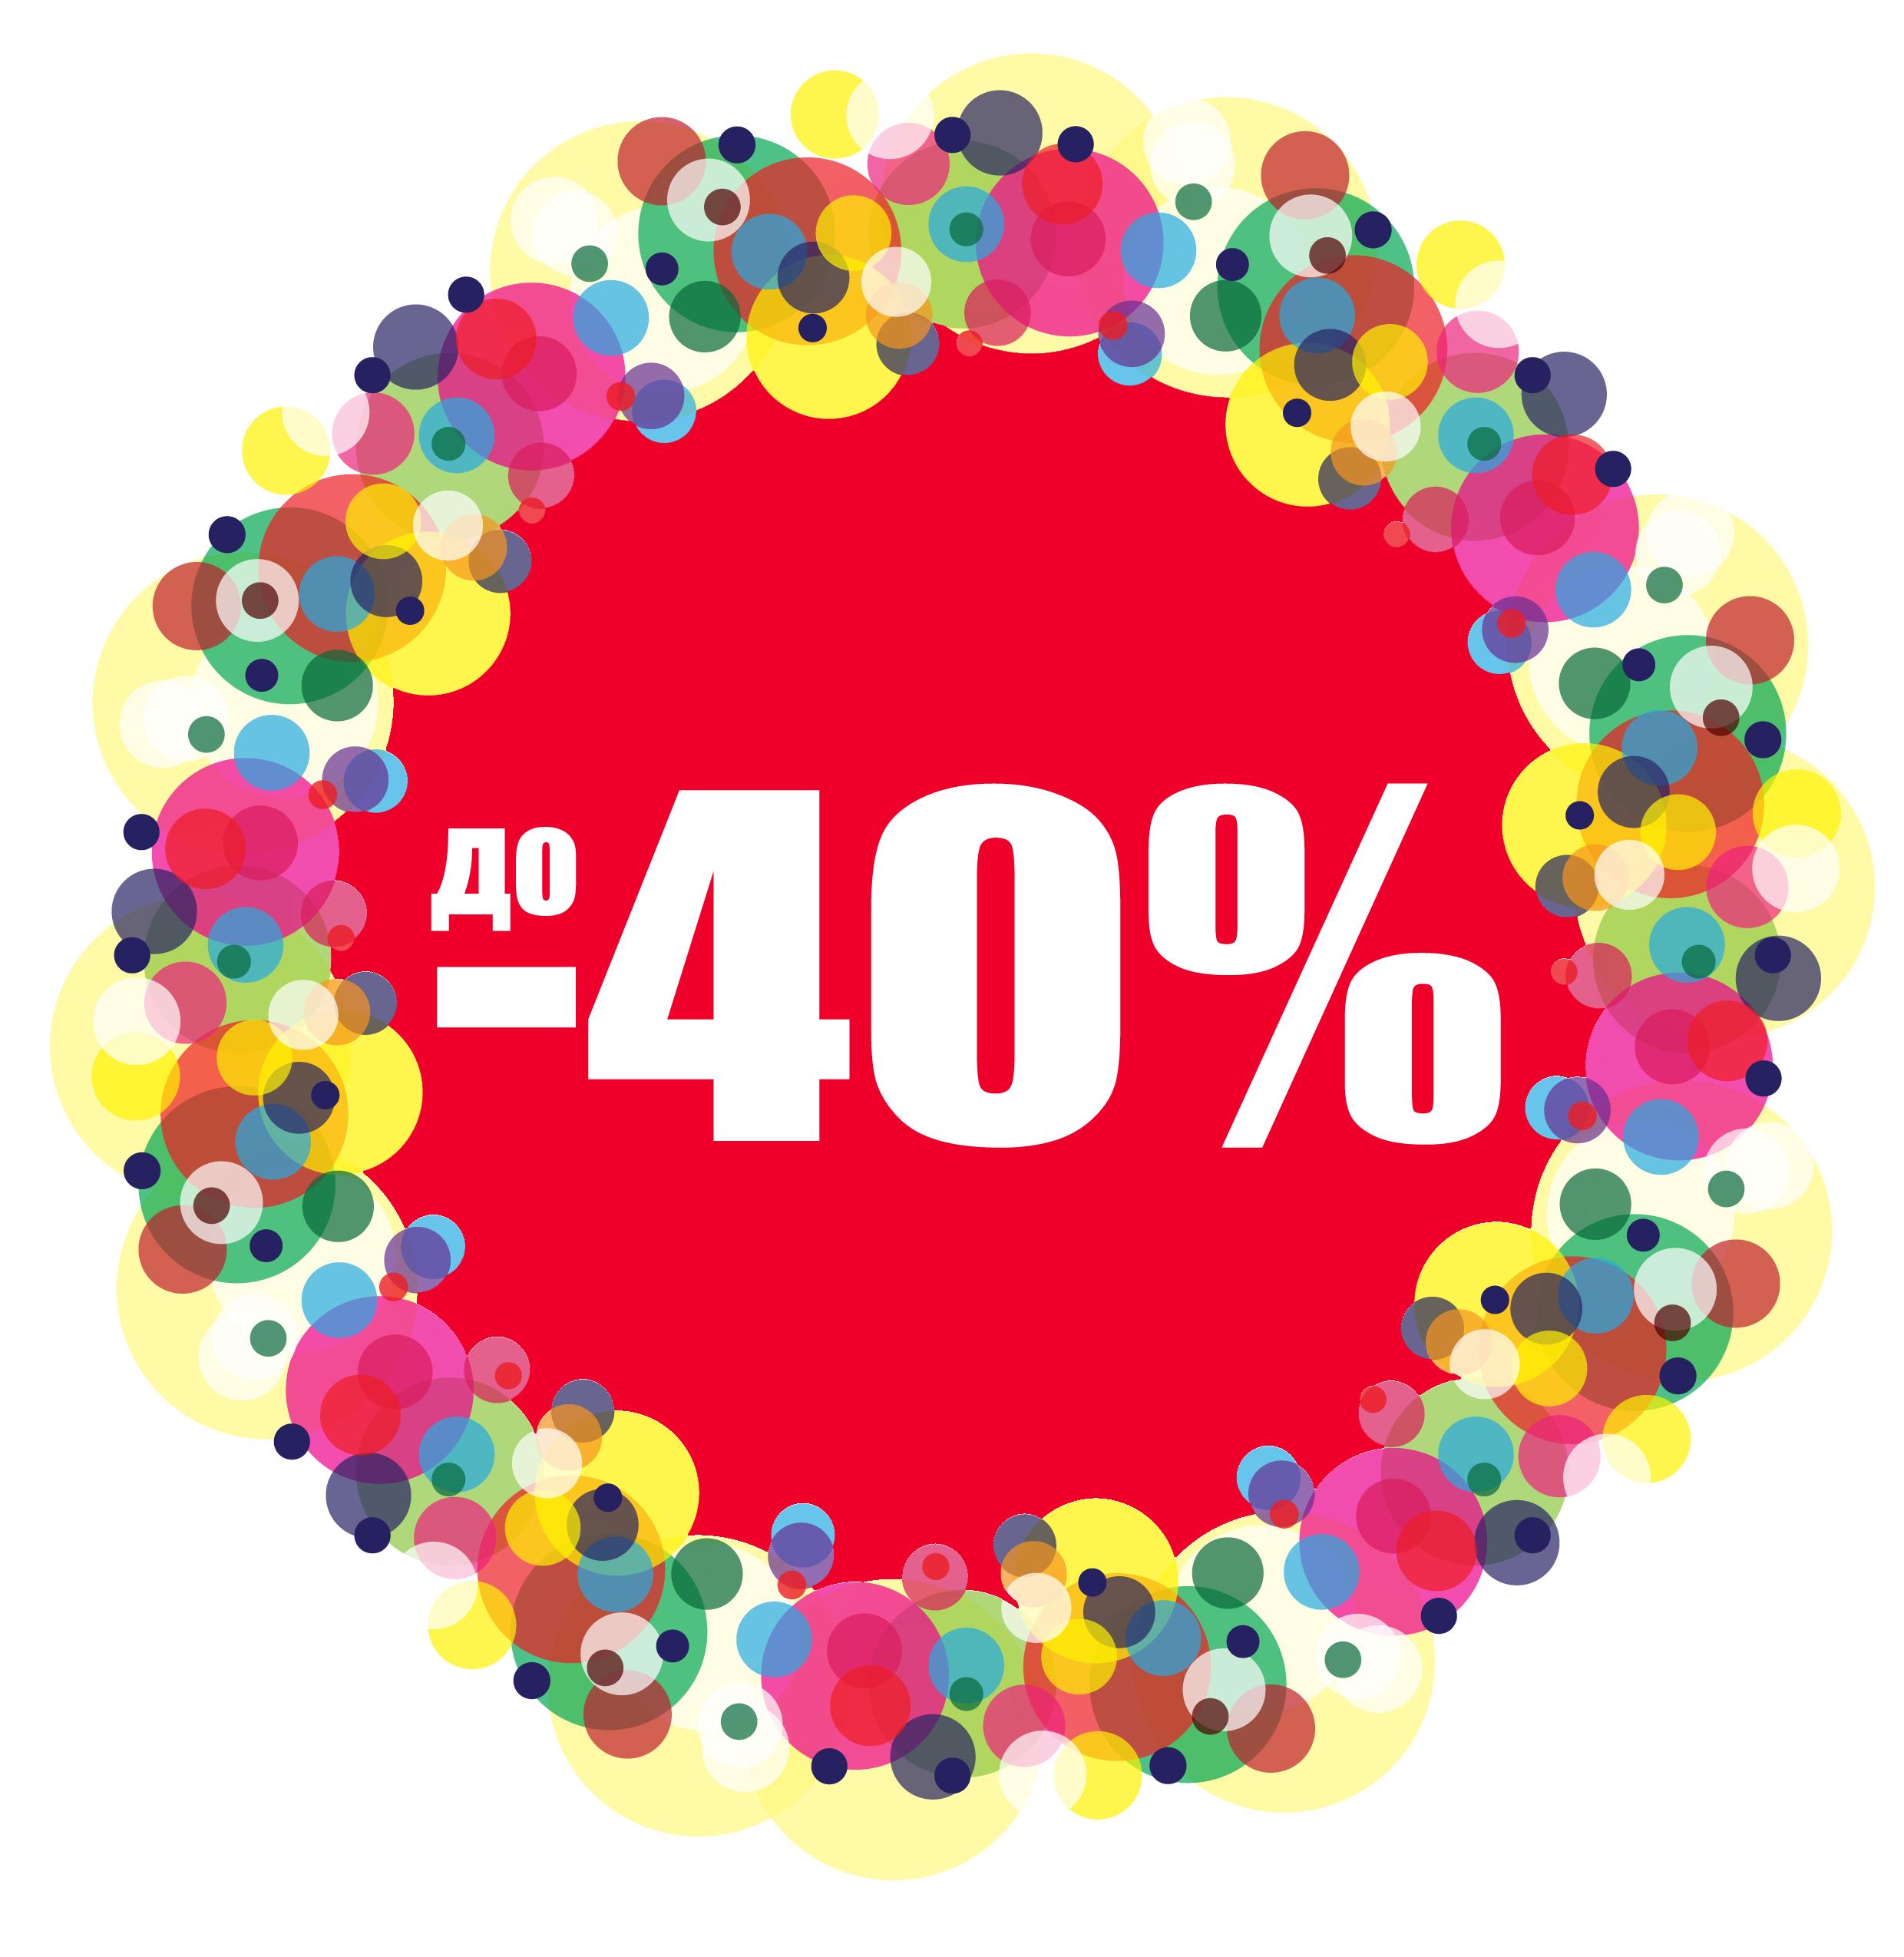 Сбор заказов. Детская одежда и обувь известной ТМ - Лиллипуты-42.Распродажа - 40% весна-лето 2016, школа. Распродажа